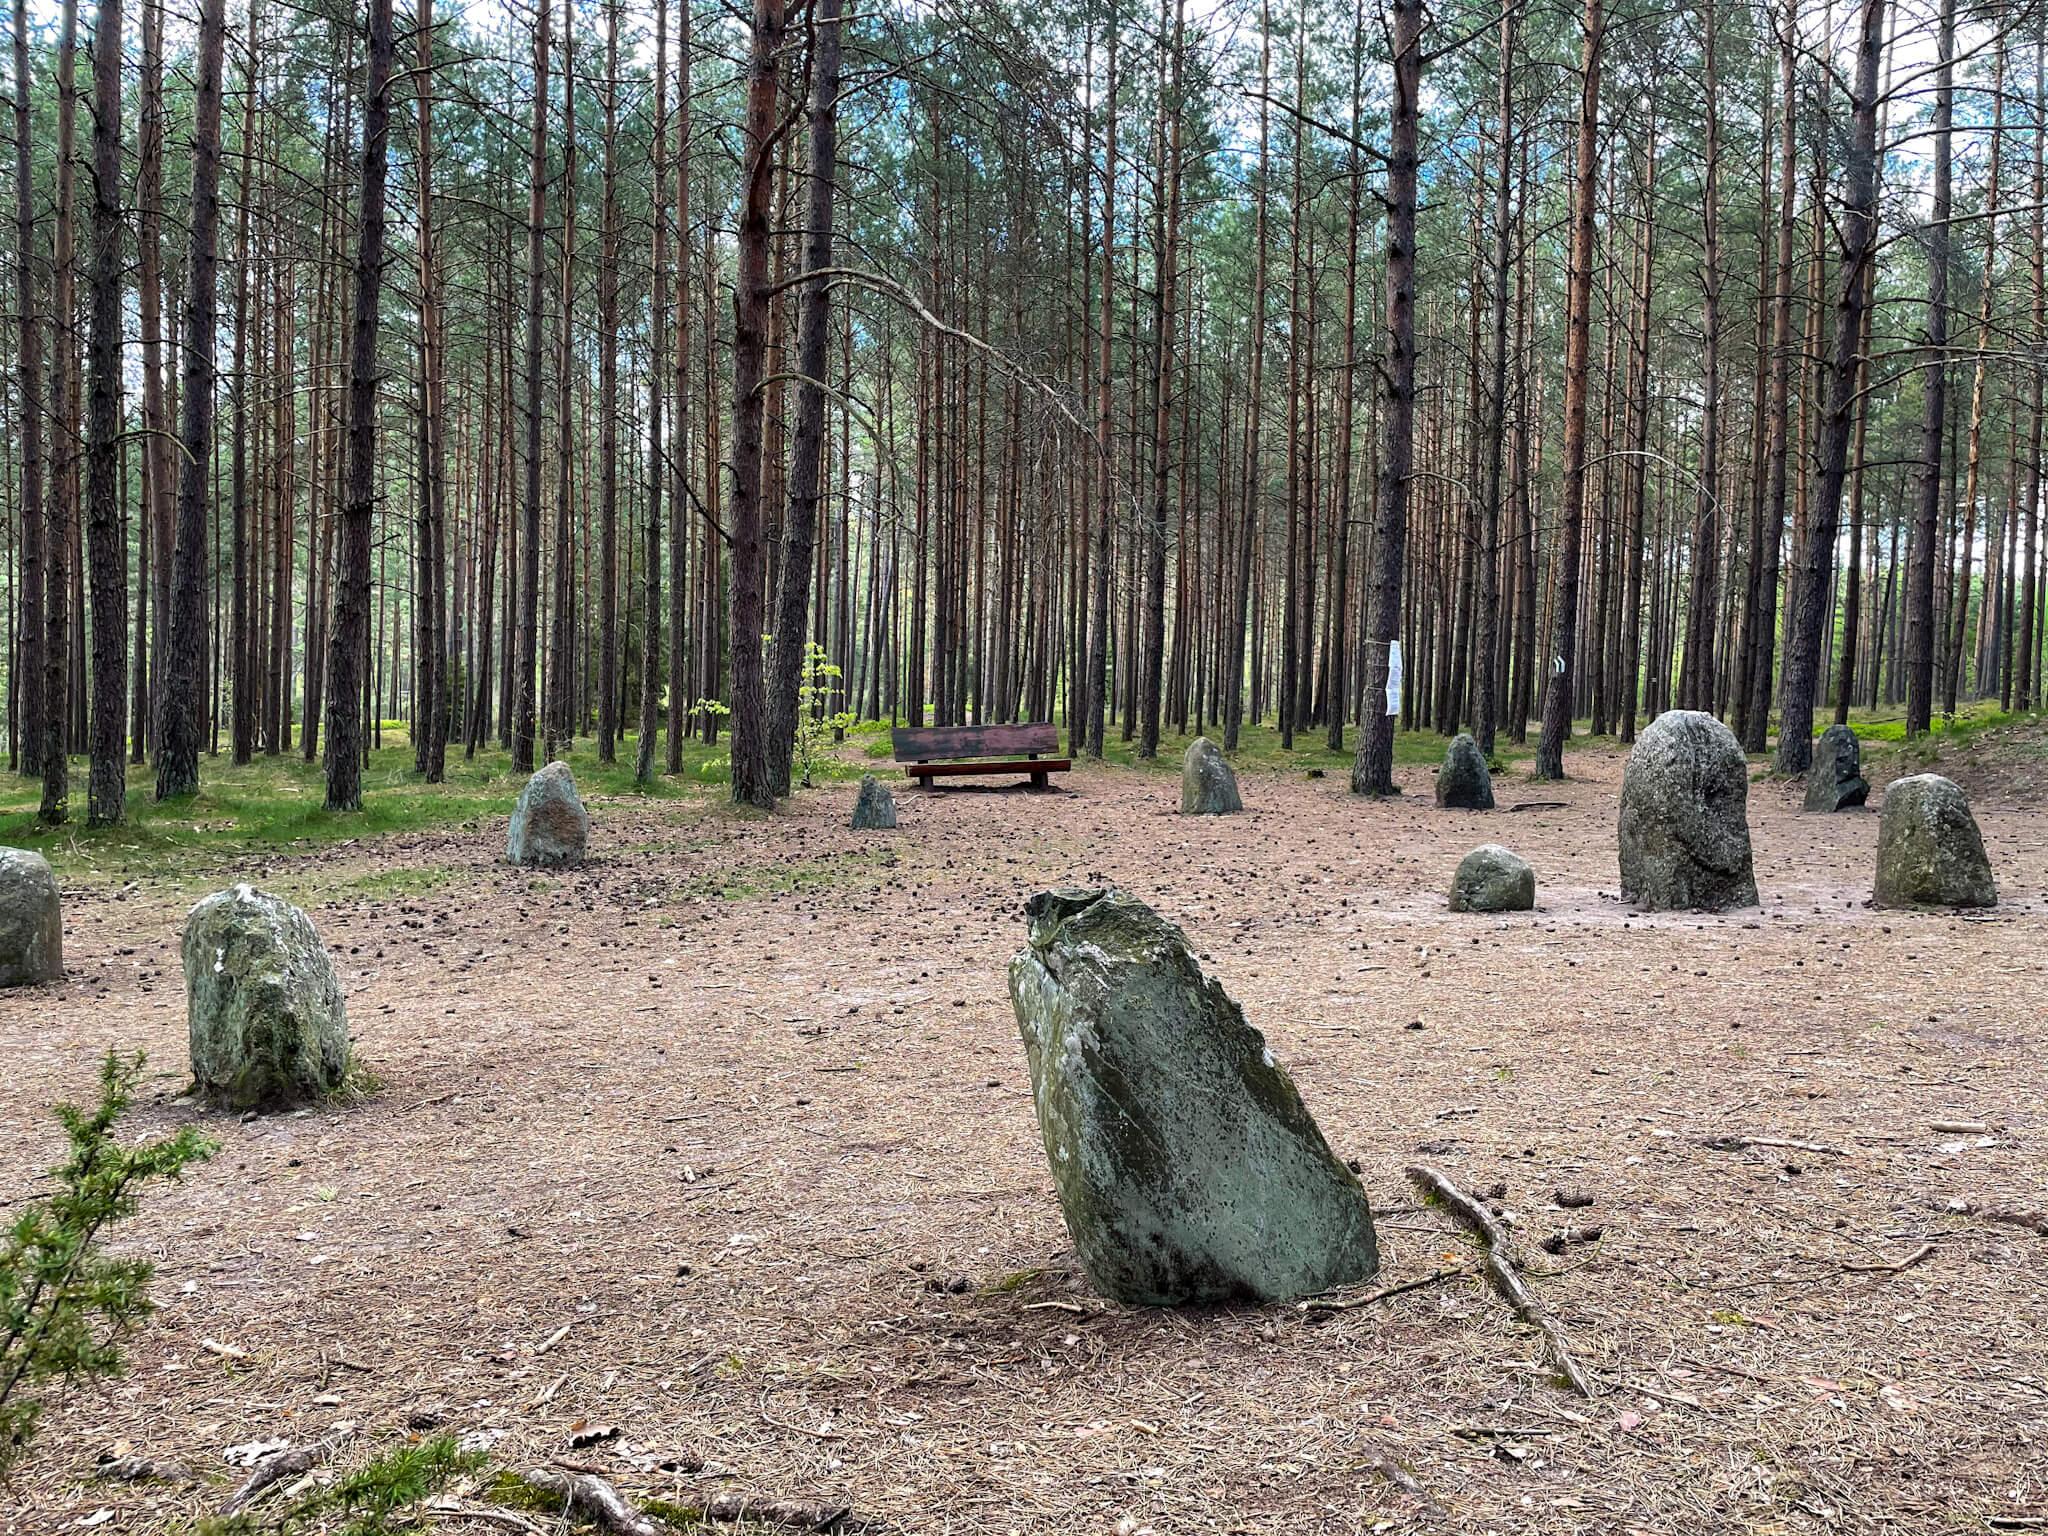 Szlaki turystyczne Kręgów Kamiennych na Kaszubach